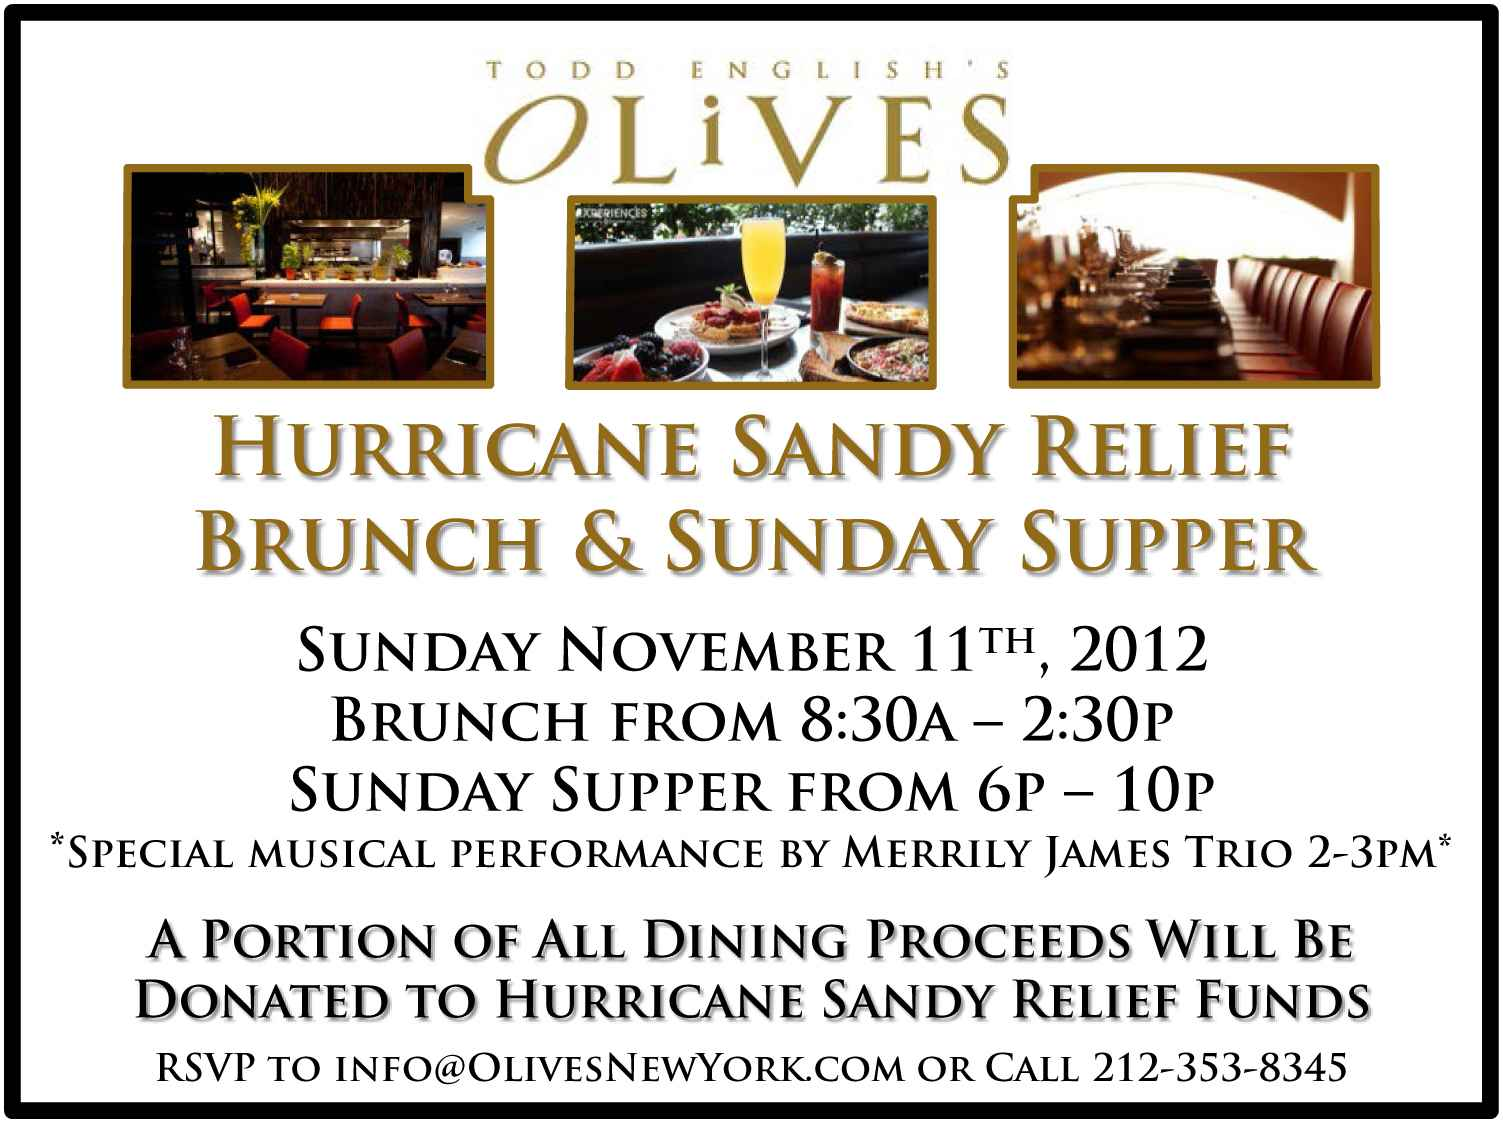 Olives-sandy